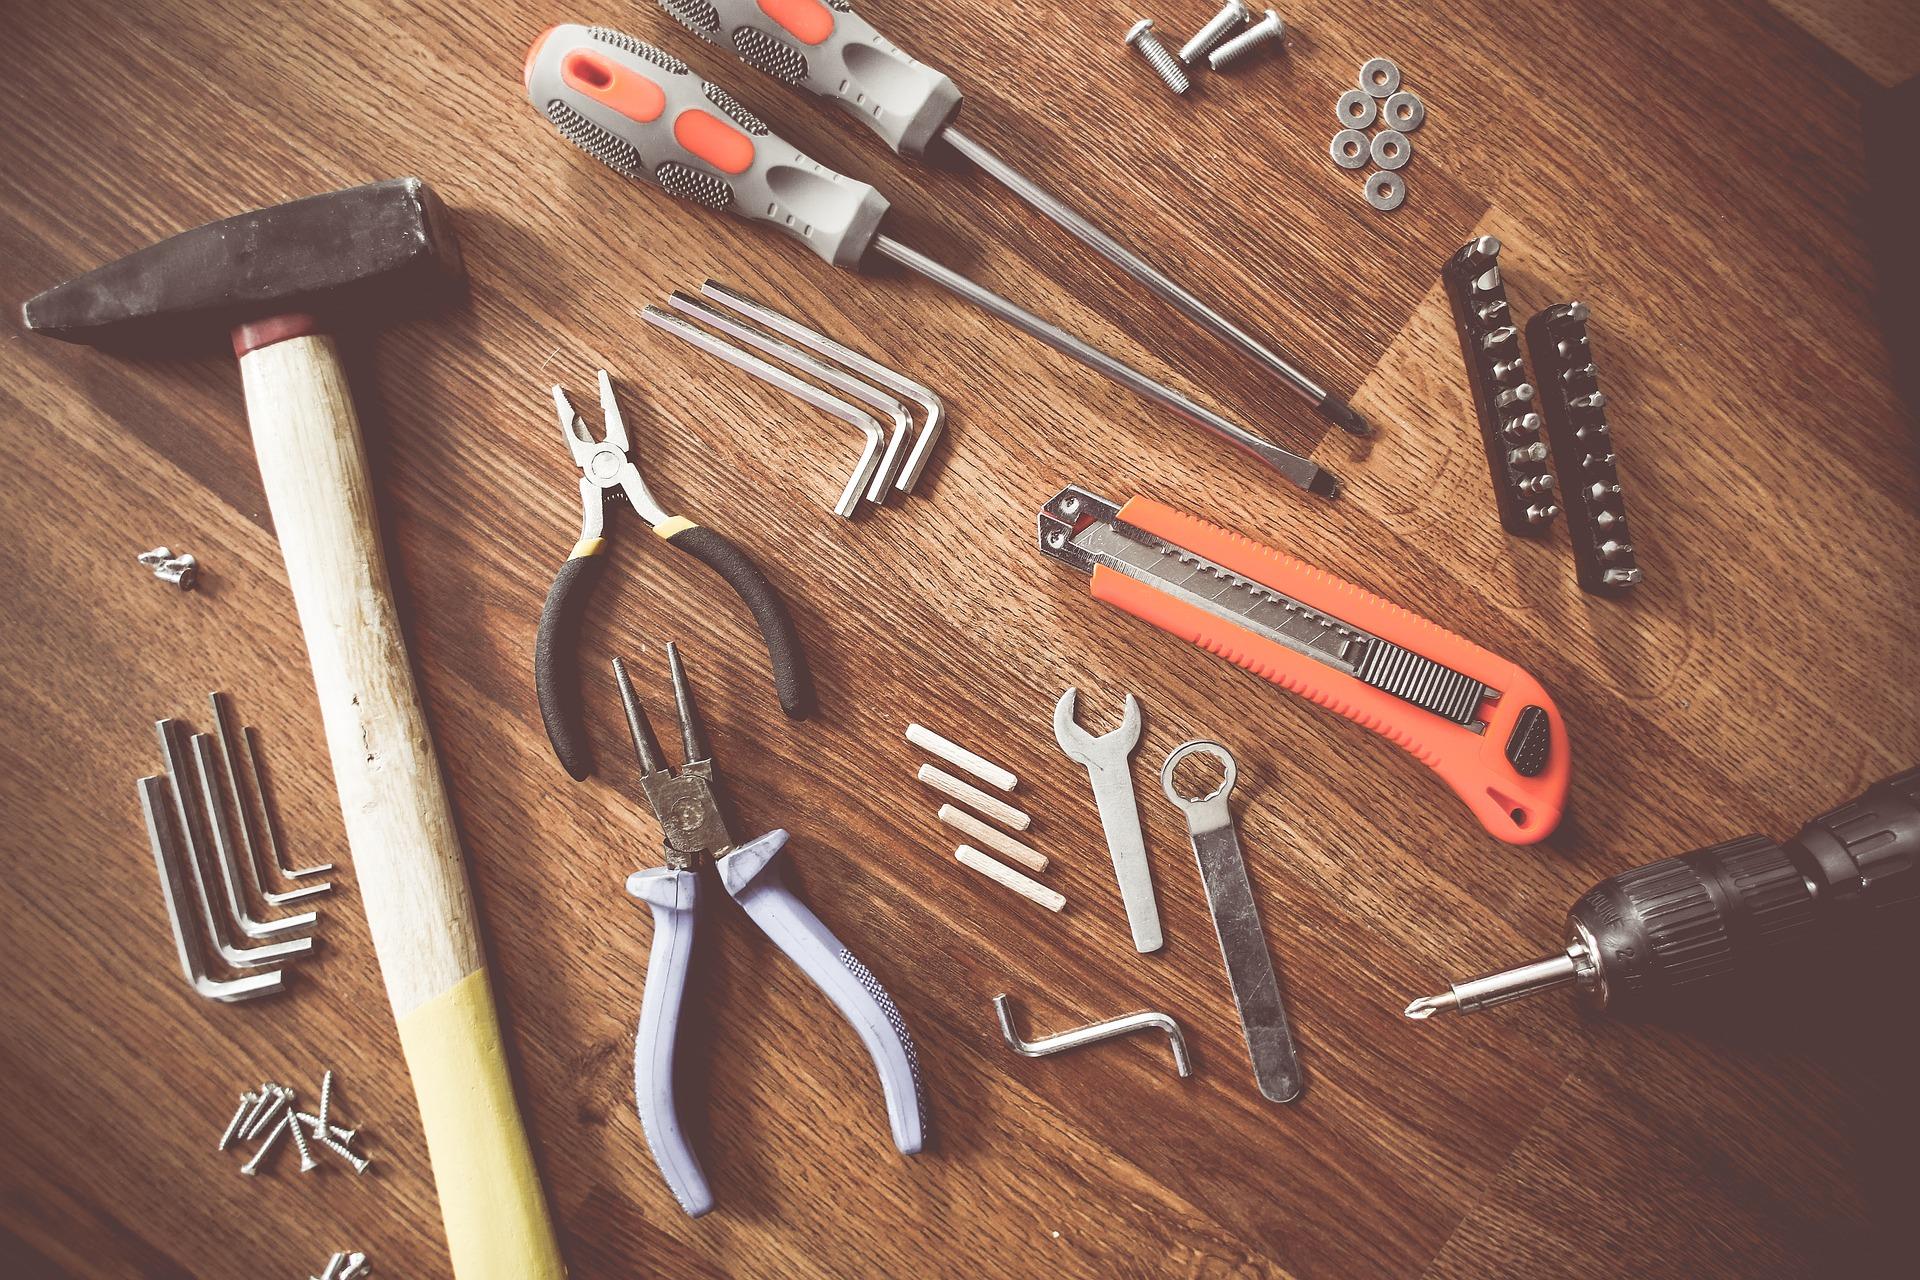 Werkzeug aus dem Baumarkt